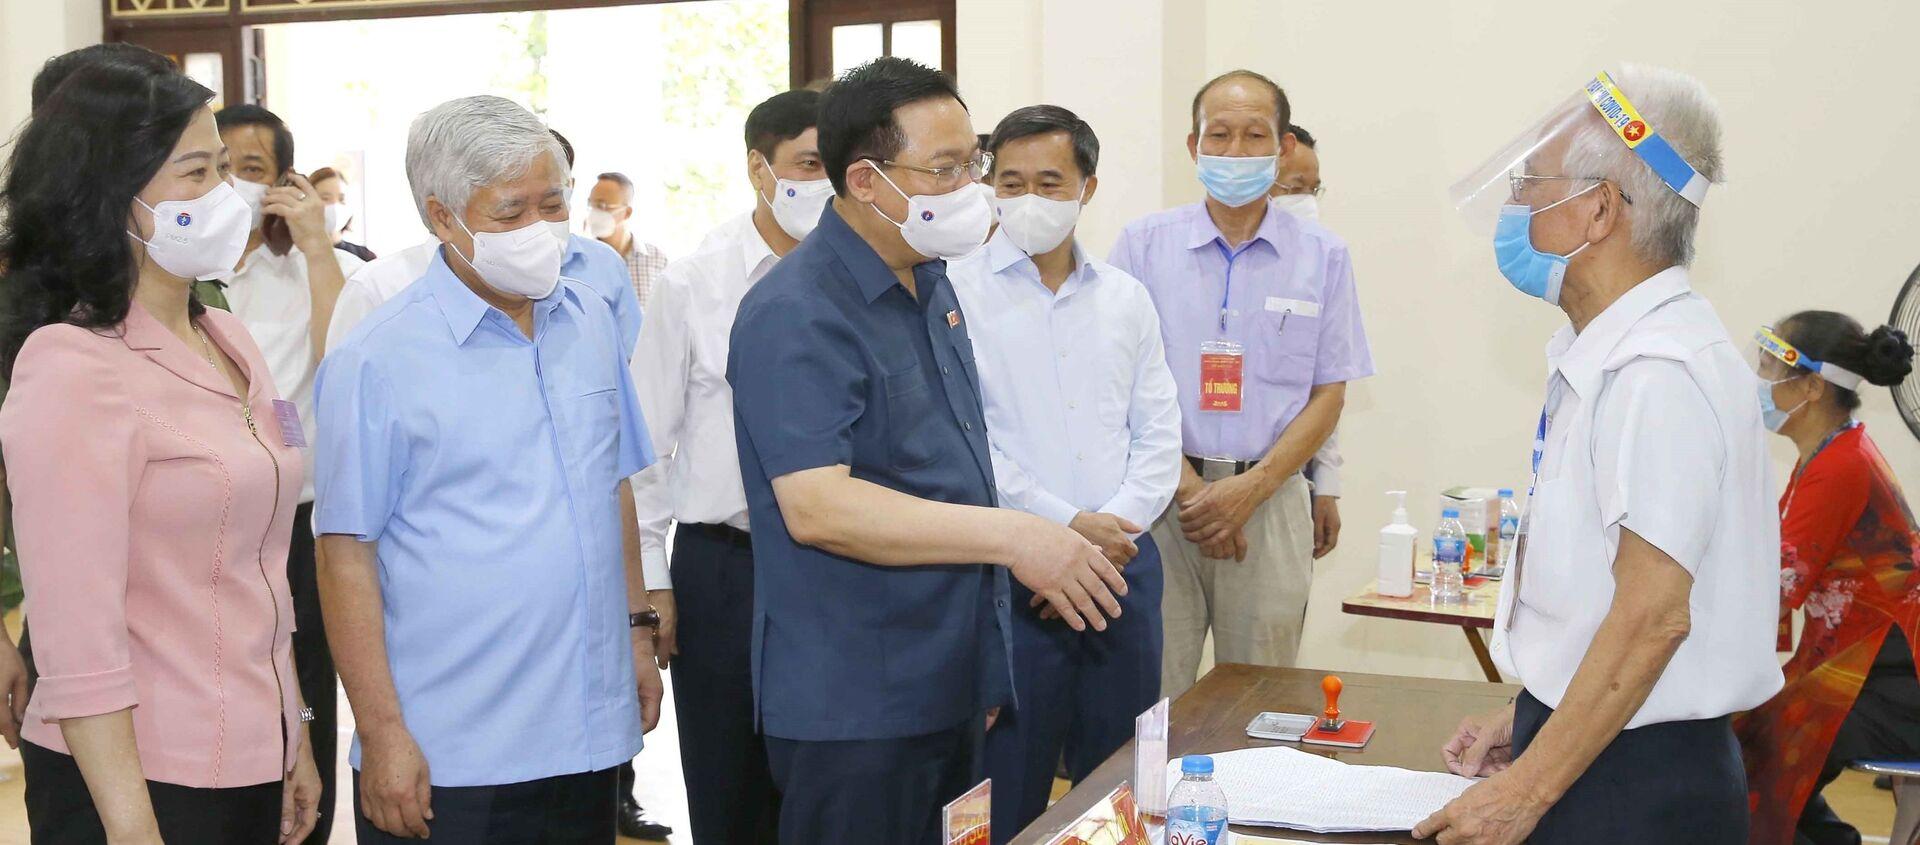 Chủ tịch Quốc hội Vương Đình Huệ kiểm tra công tác bầu cử tại tỉnh Bắc Ninh - Sputnik Việt Nam, 1920, 23.05.2021